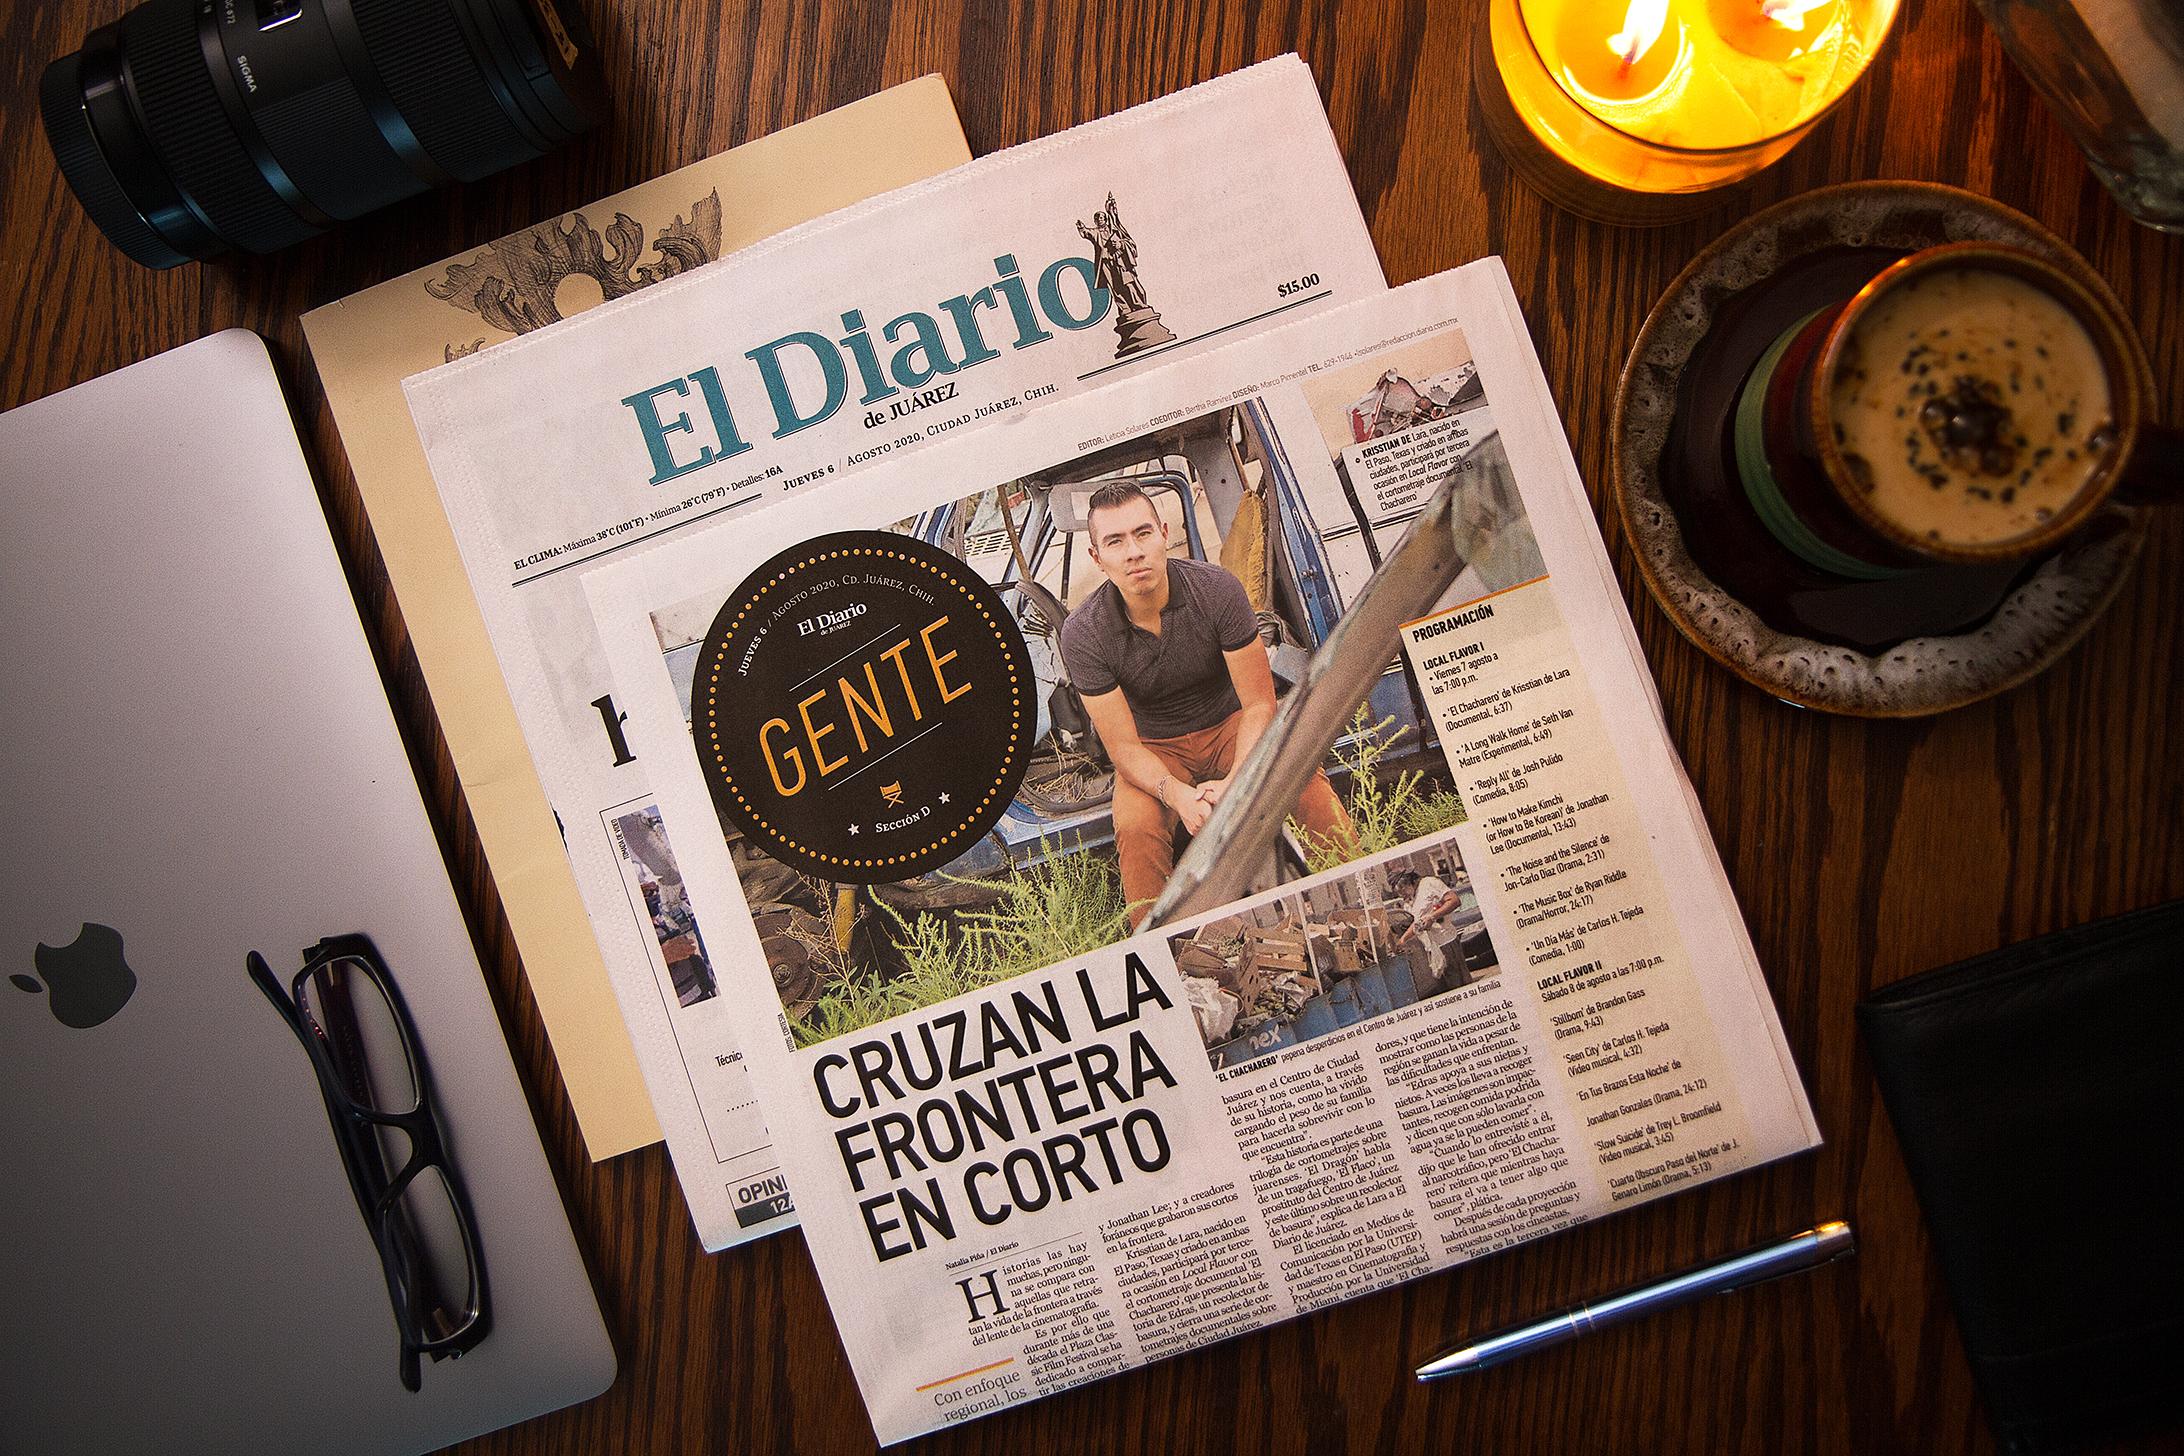 Krisstian de Lara gets featured on El Diario de Juárez' entertainment section